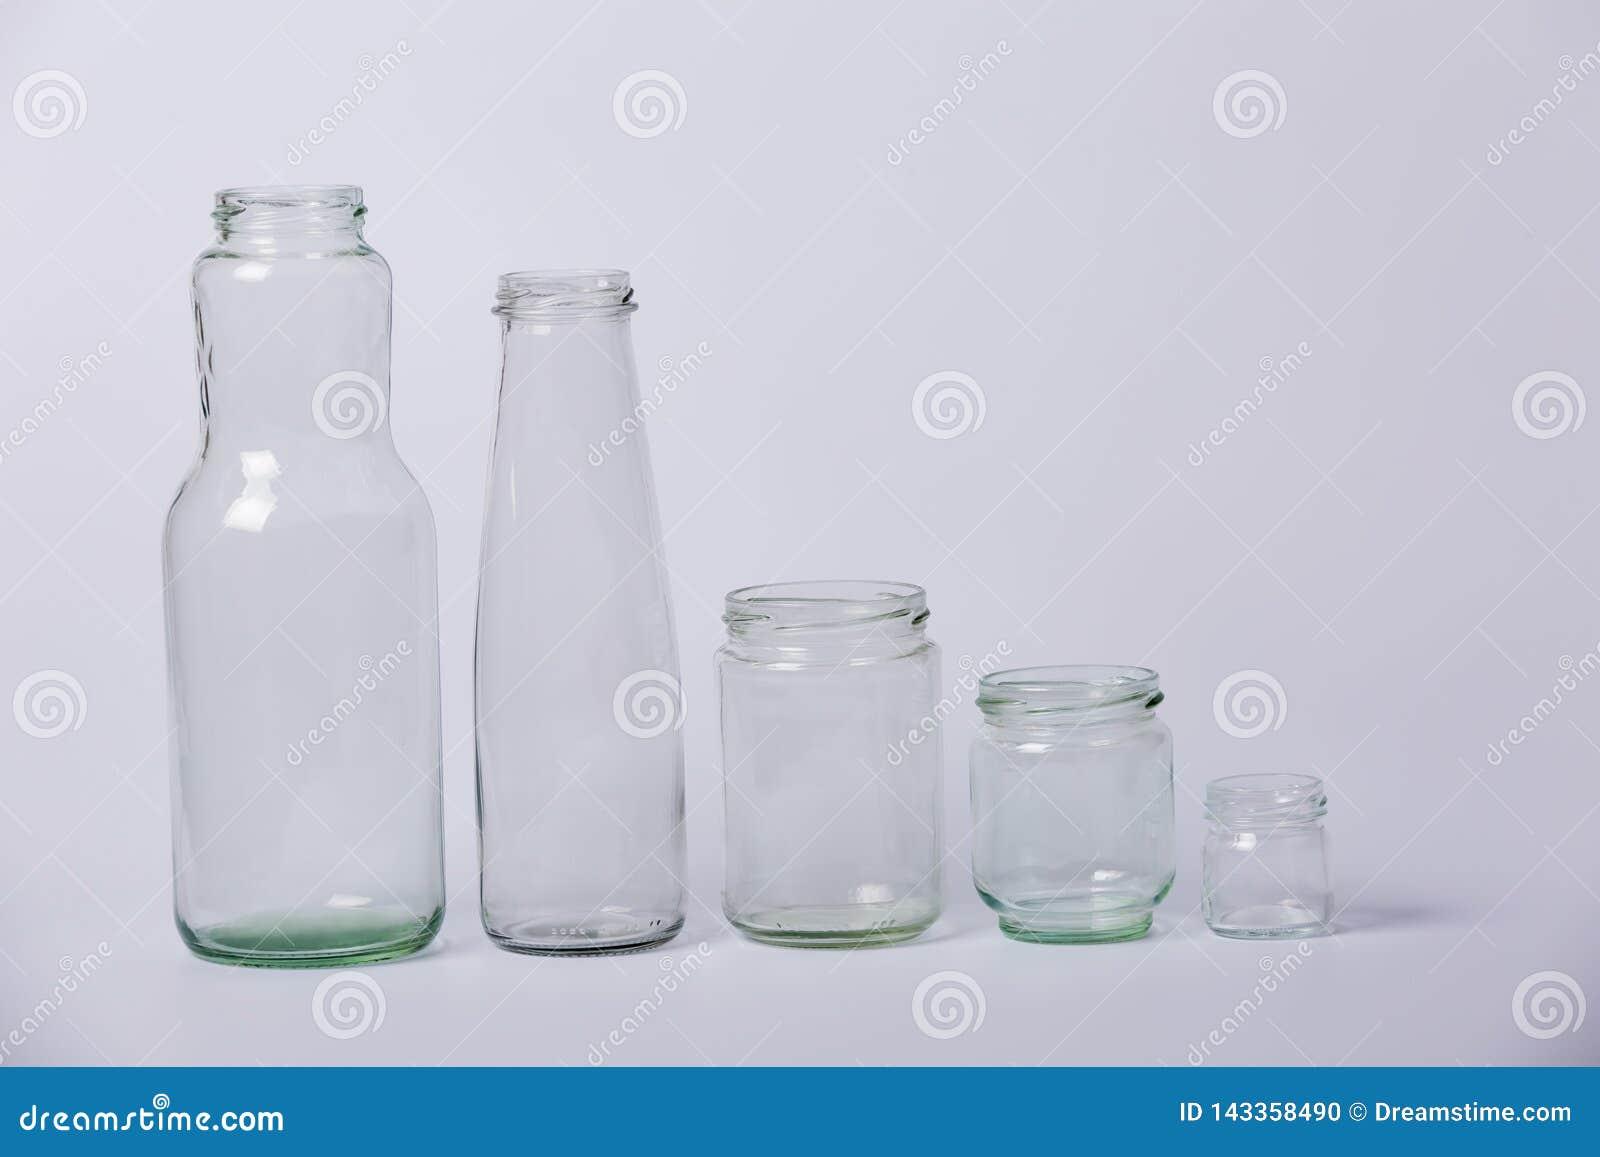 Bouteilles transparentes en verre Bouteilles transparentes en verre de tailles différentes de grand à petit sur un fond blanc